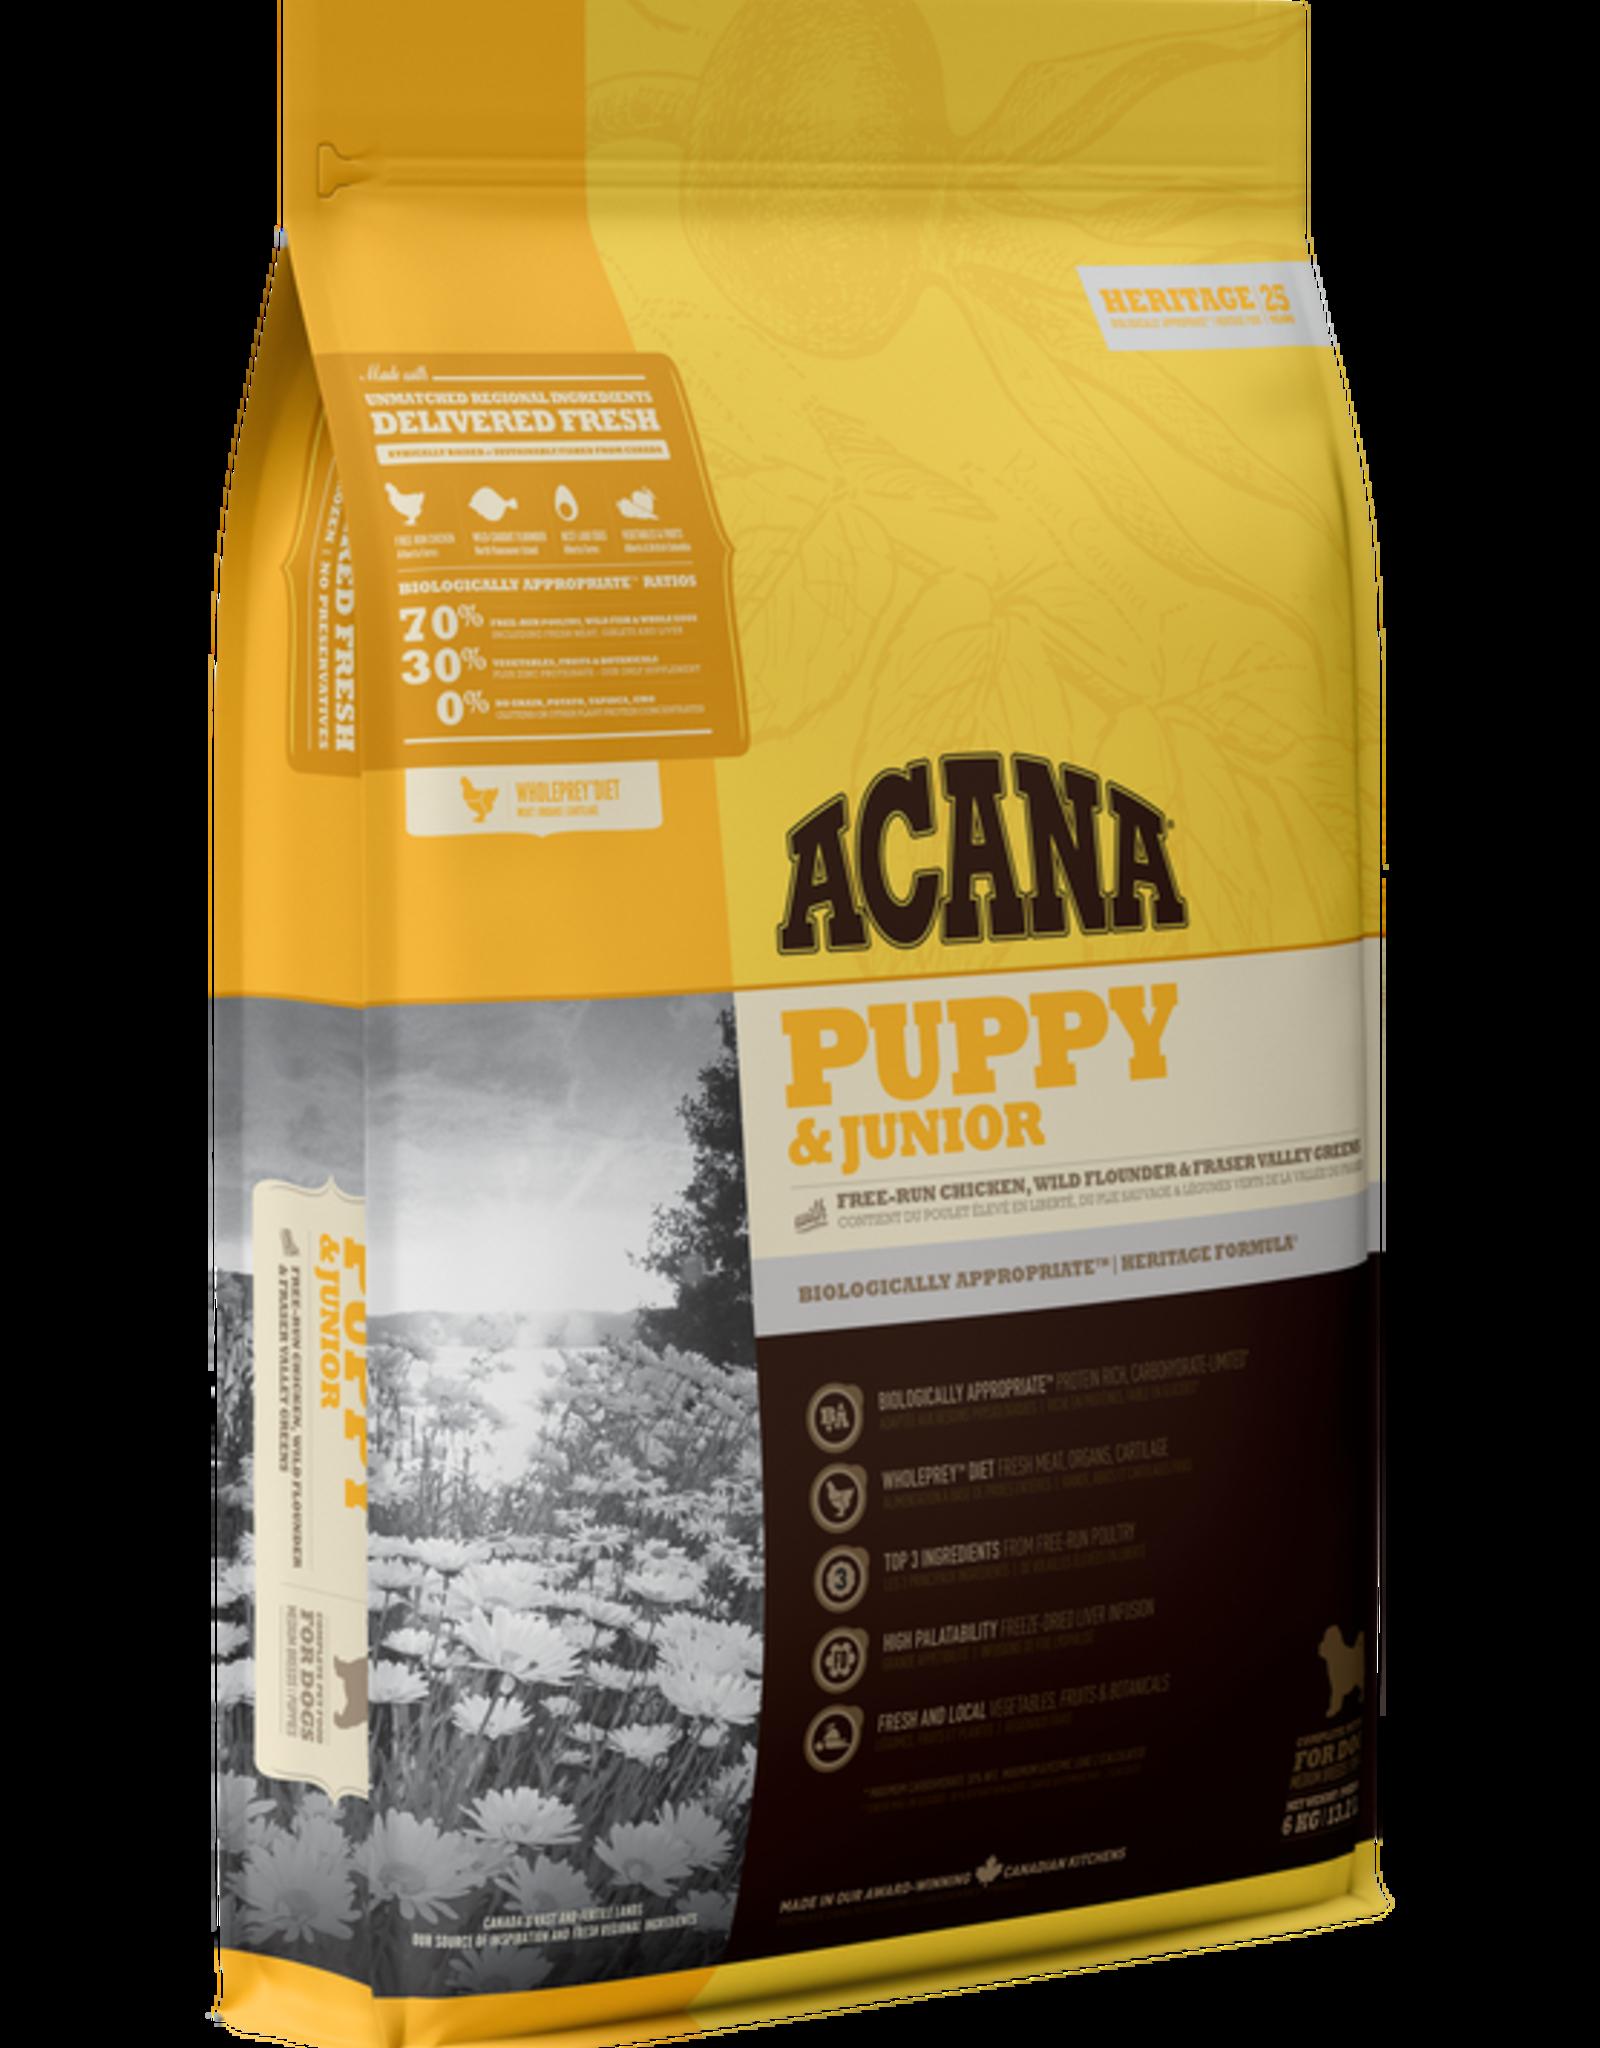 Acana Acana Puppy & Jr-Chicken Flounder & Greens 11.4kg